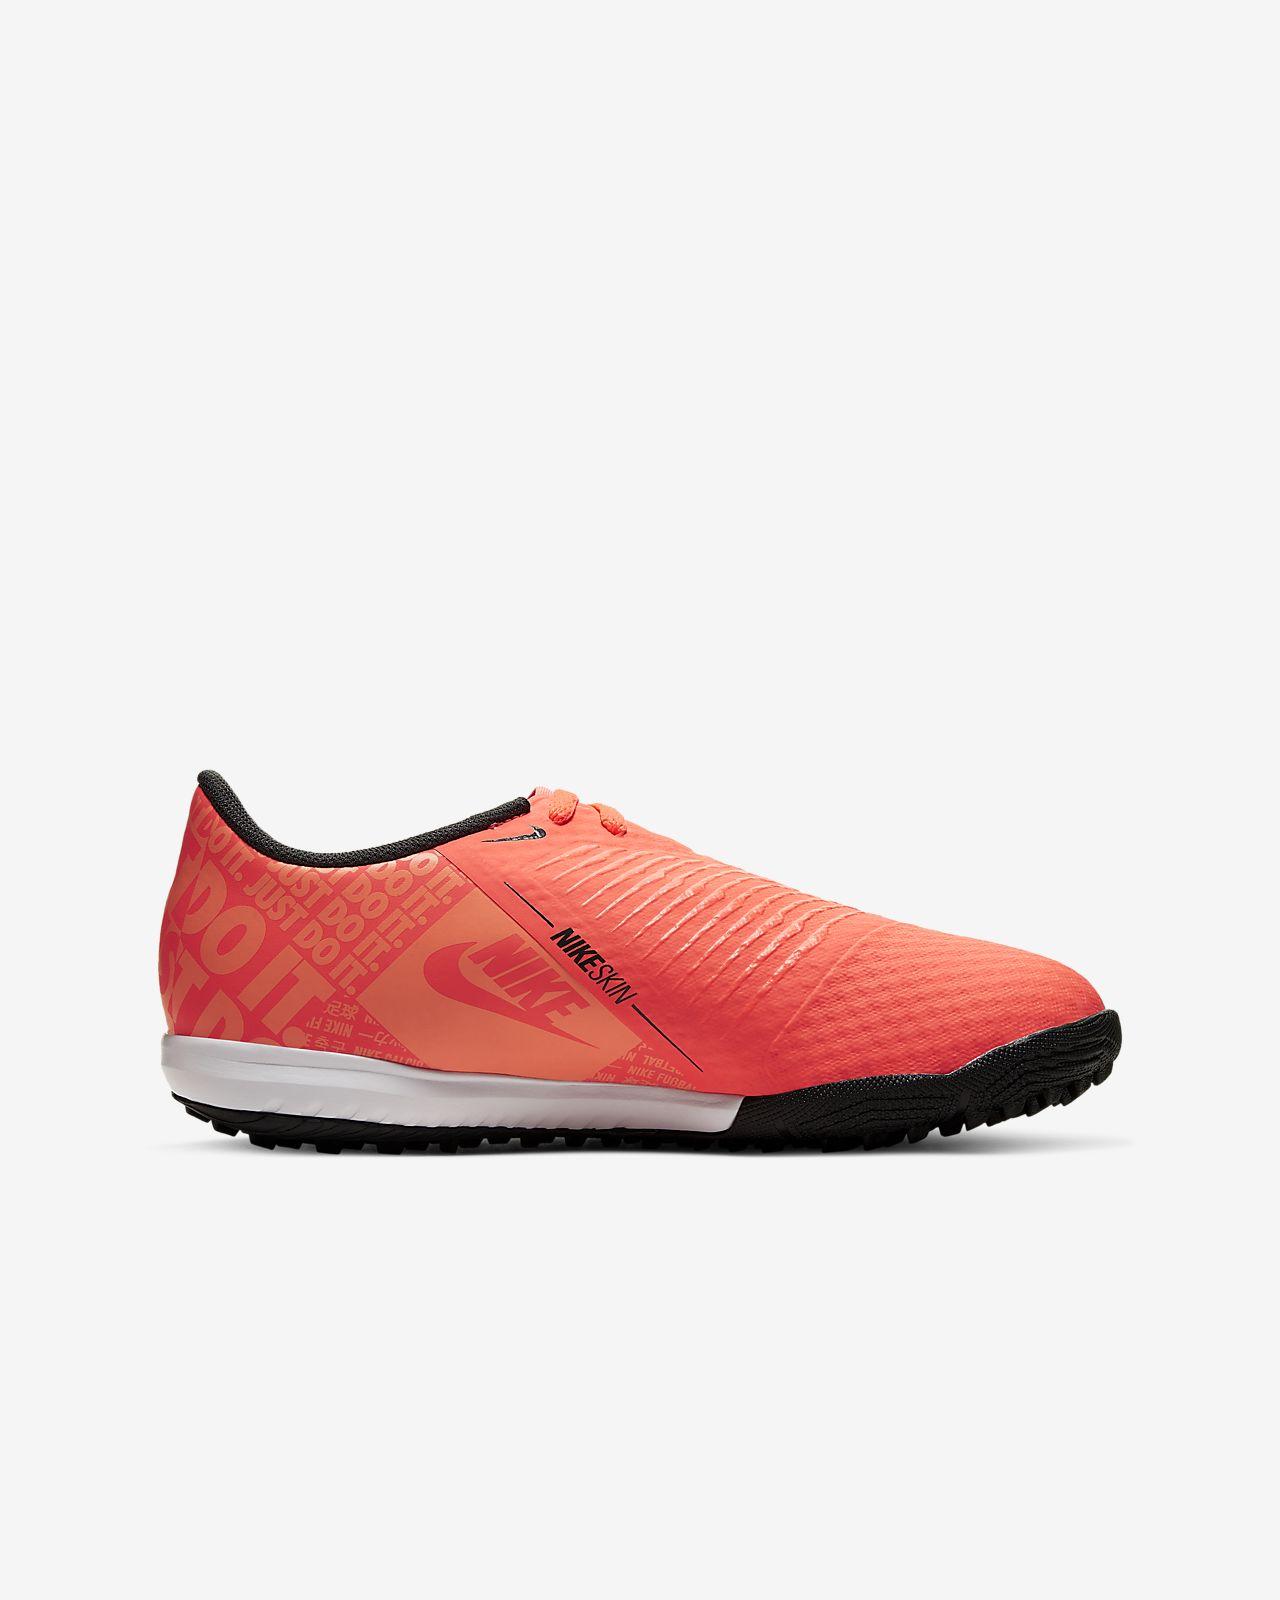 Chaussure de football pour surface synthétique Nike Jr. Phantom Venom Academy TF pour Jeune enfantEnfant plus âgé